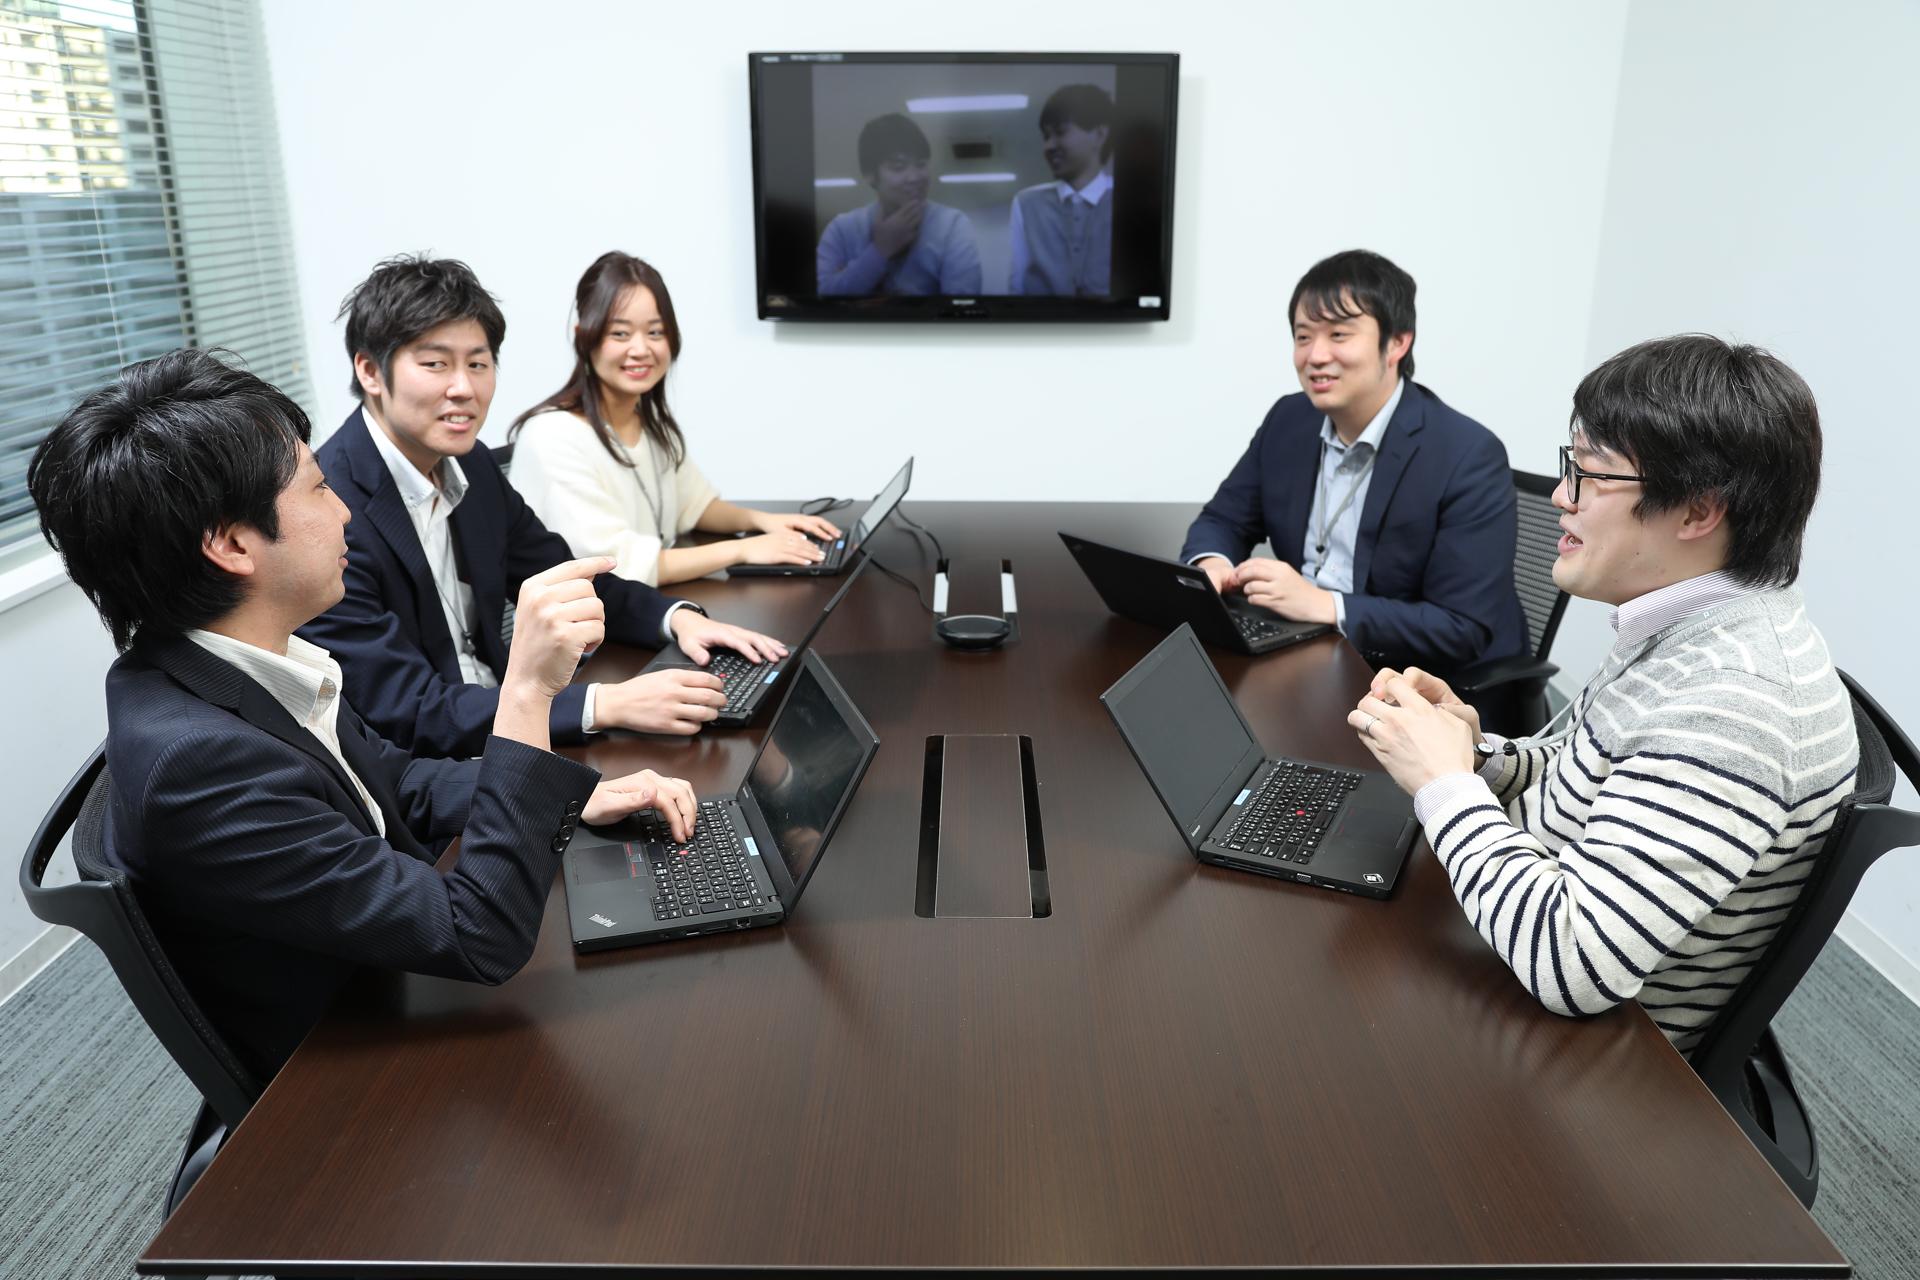 アジアと日本、そして世界中のエンジニアをつなぐ独自の開発モデル。